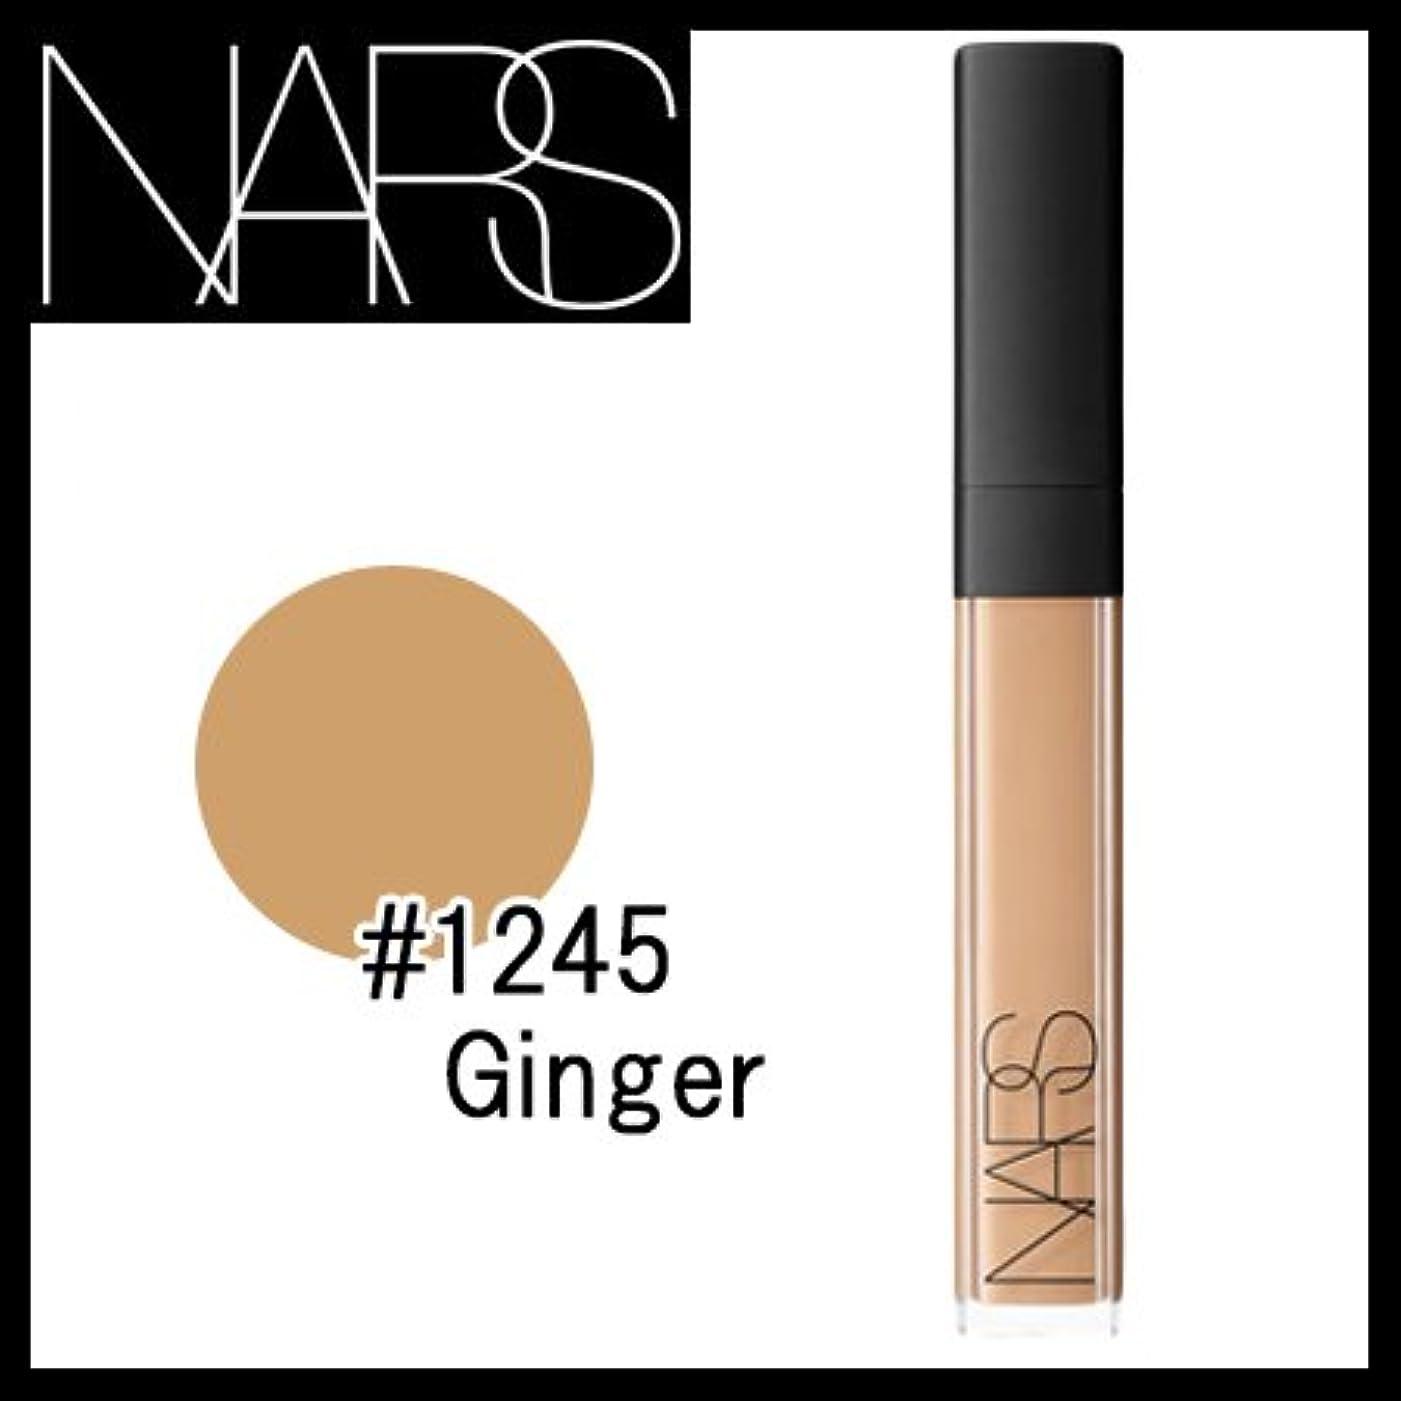 反逆エンコミウムサービスナーズ ラディアント クリーミー コンシーラー #1245 Ginger -NARS-【並行輸入品】